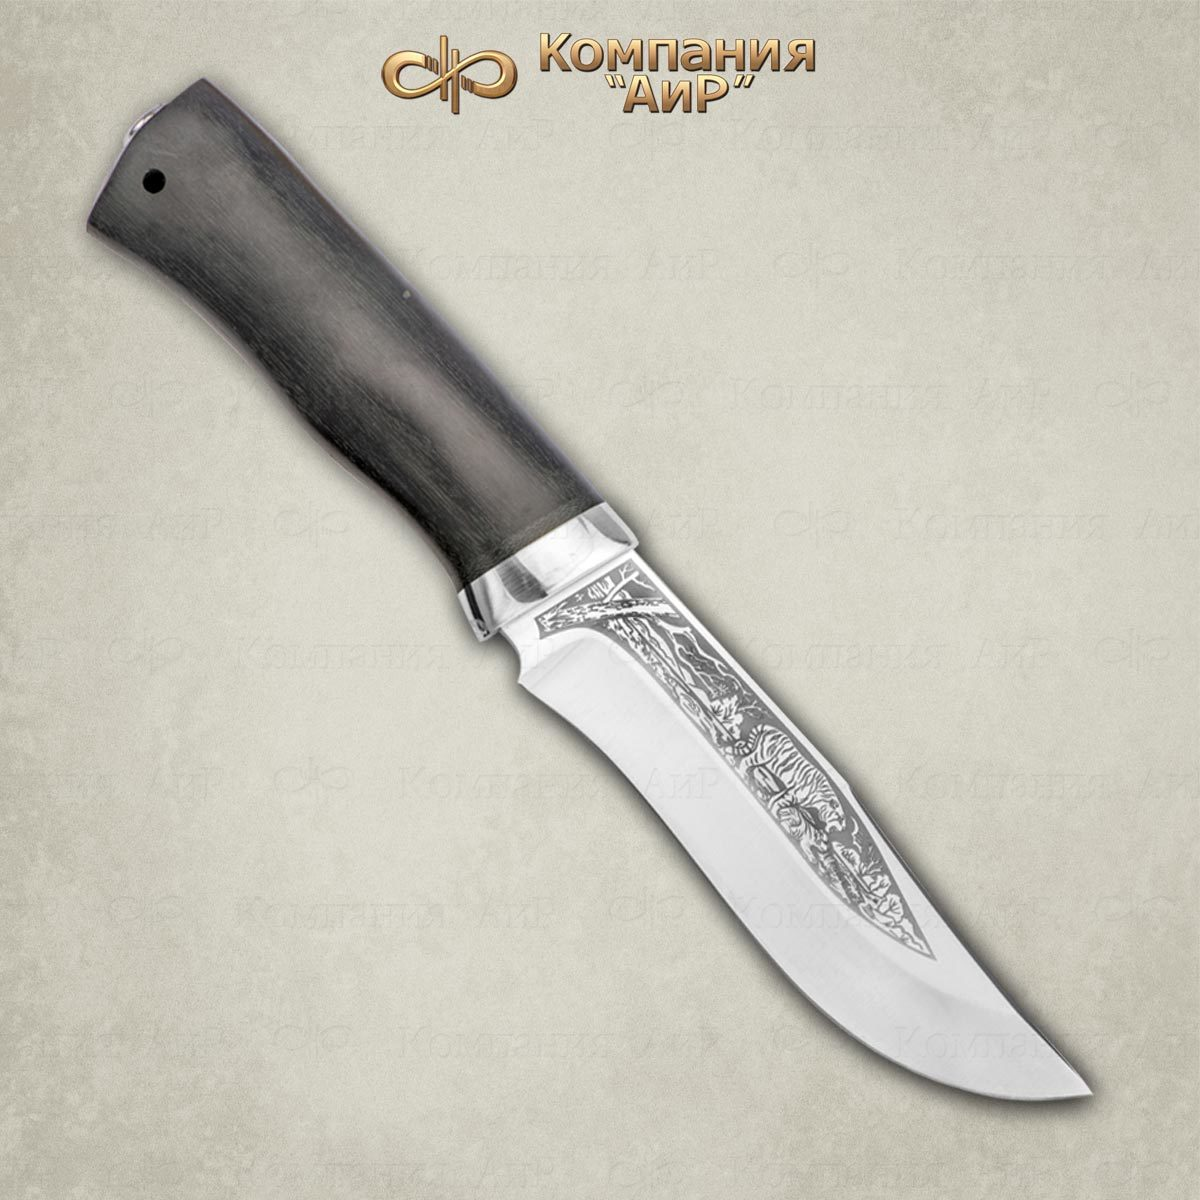 Фото - Нож разделочный АиР Клычок-3, сталь ЭП-766, рукоять граб нож разделочный аир финка 3 сталь эп 766 рукоять карельская береза